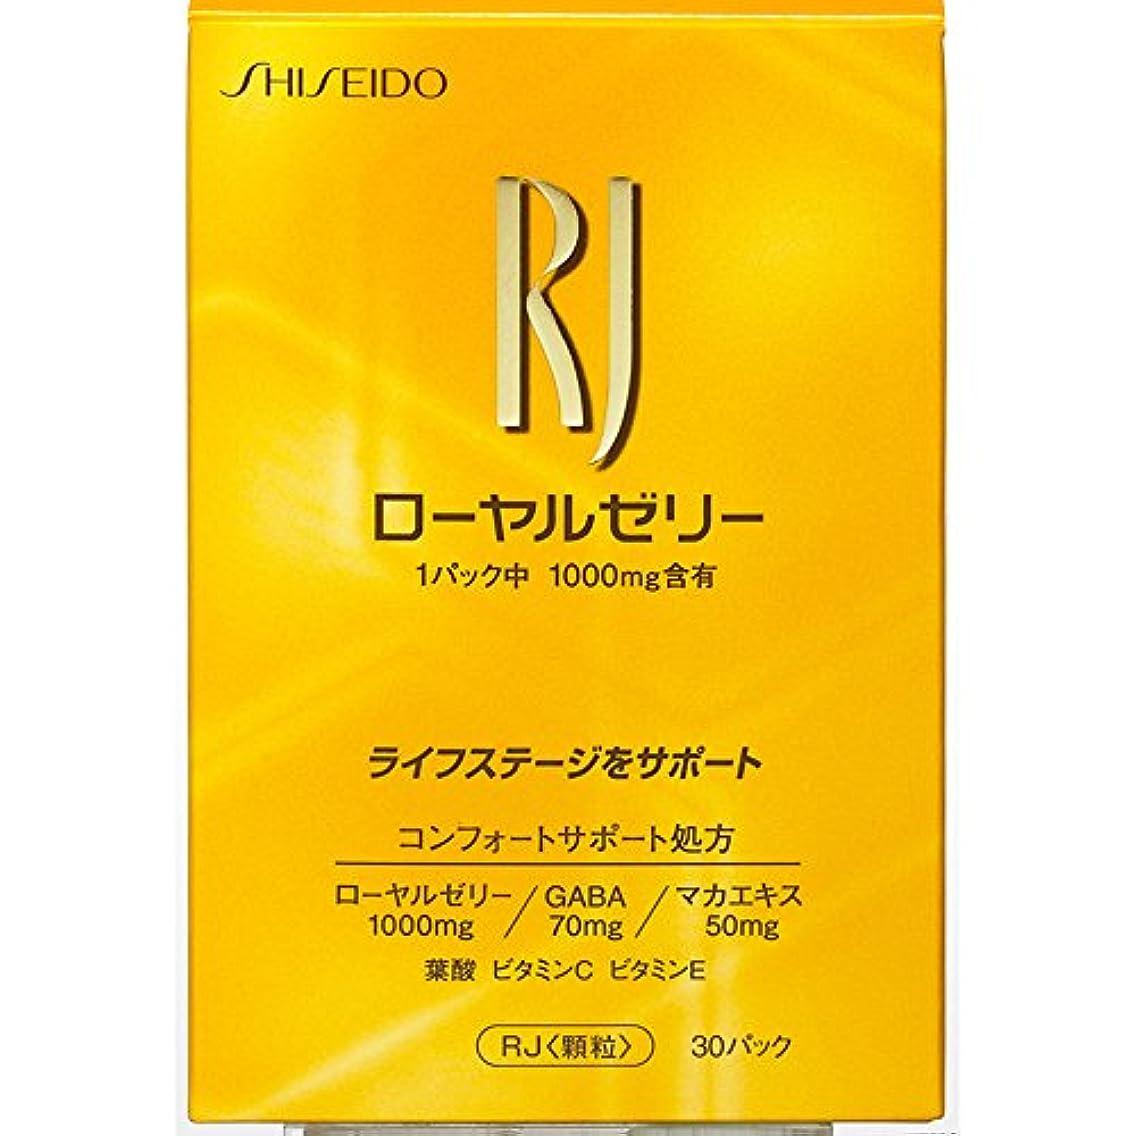 ライセンス収益助けてRJ(ローヤルゼリー) < 顆粒 > (N) 1.5gX30パック